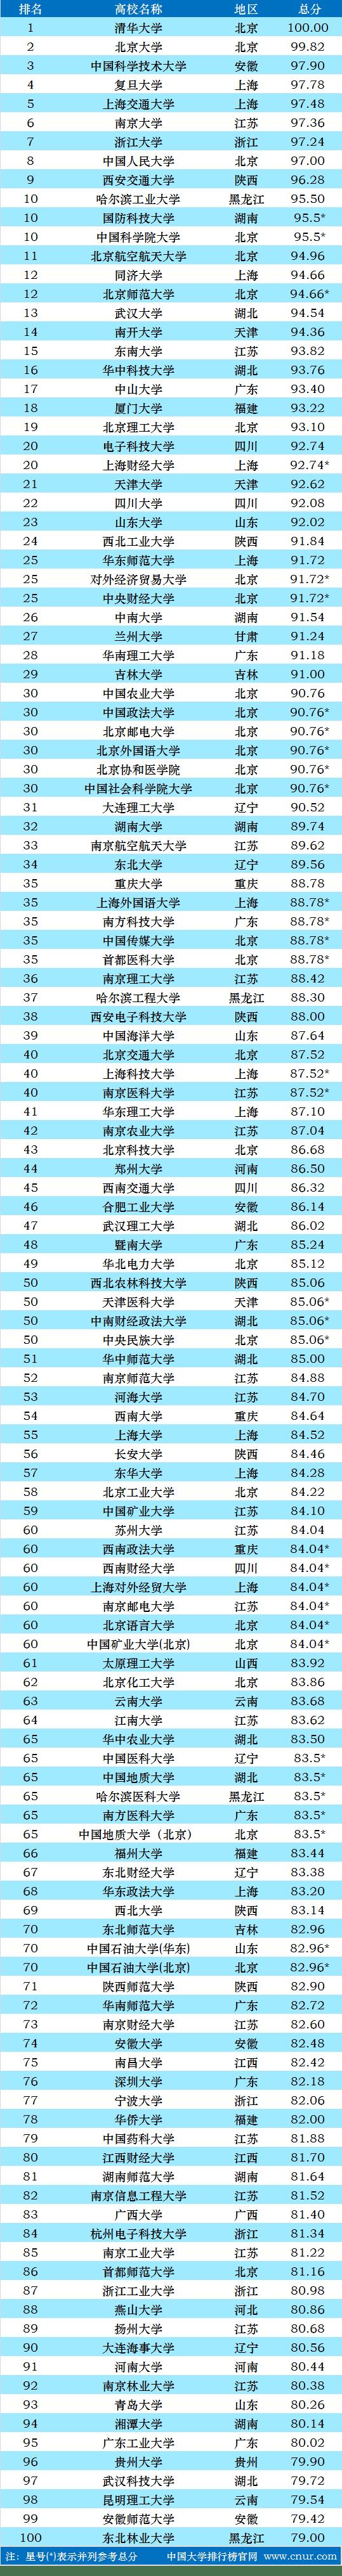 2021里番排行榜_2021年1月新番哪些动漫好看2021年一月新番里番排行榜